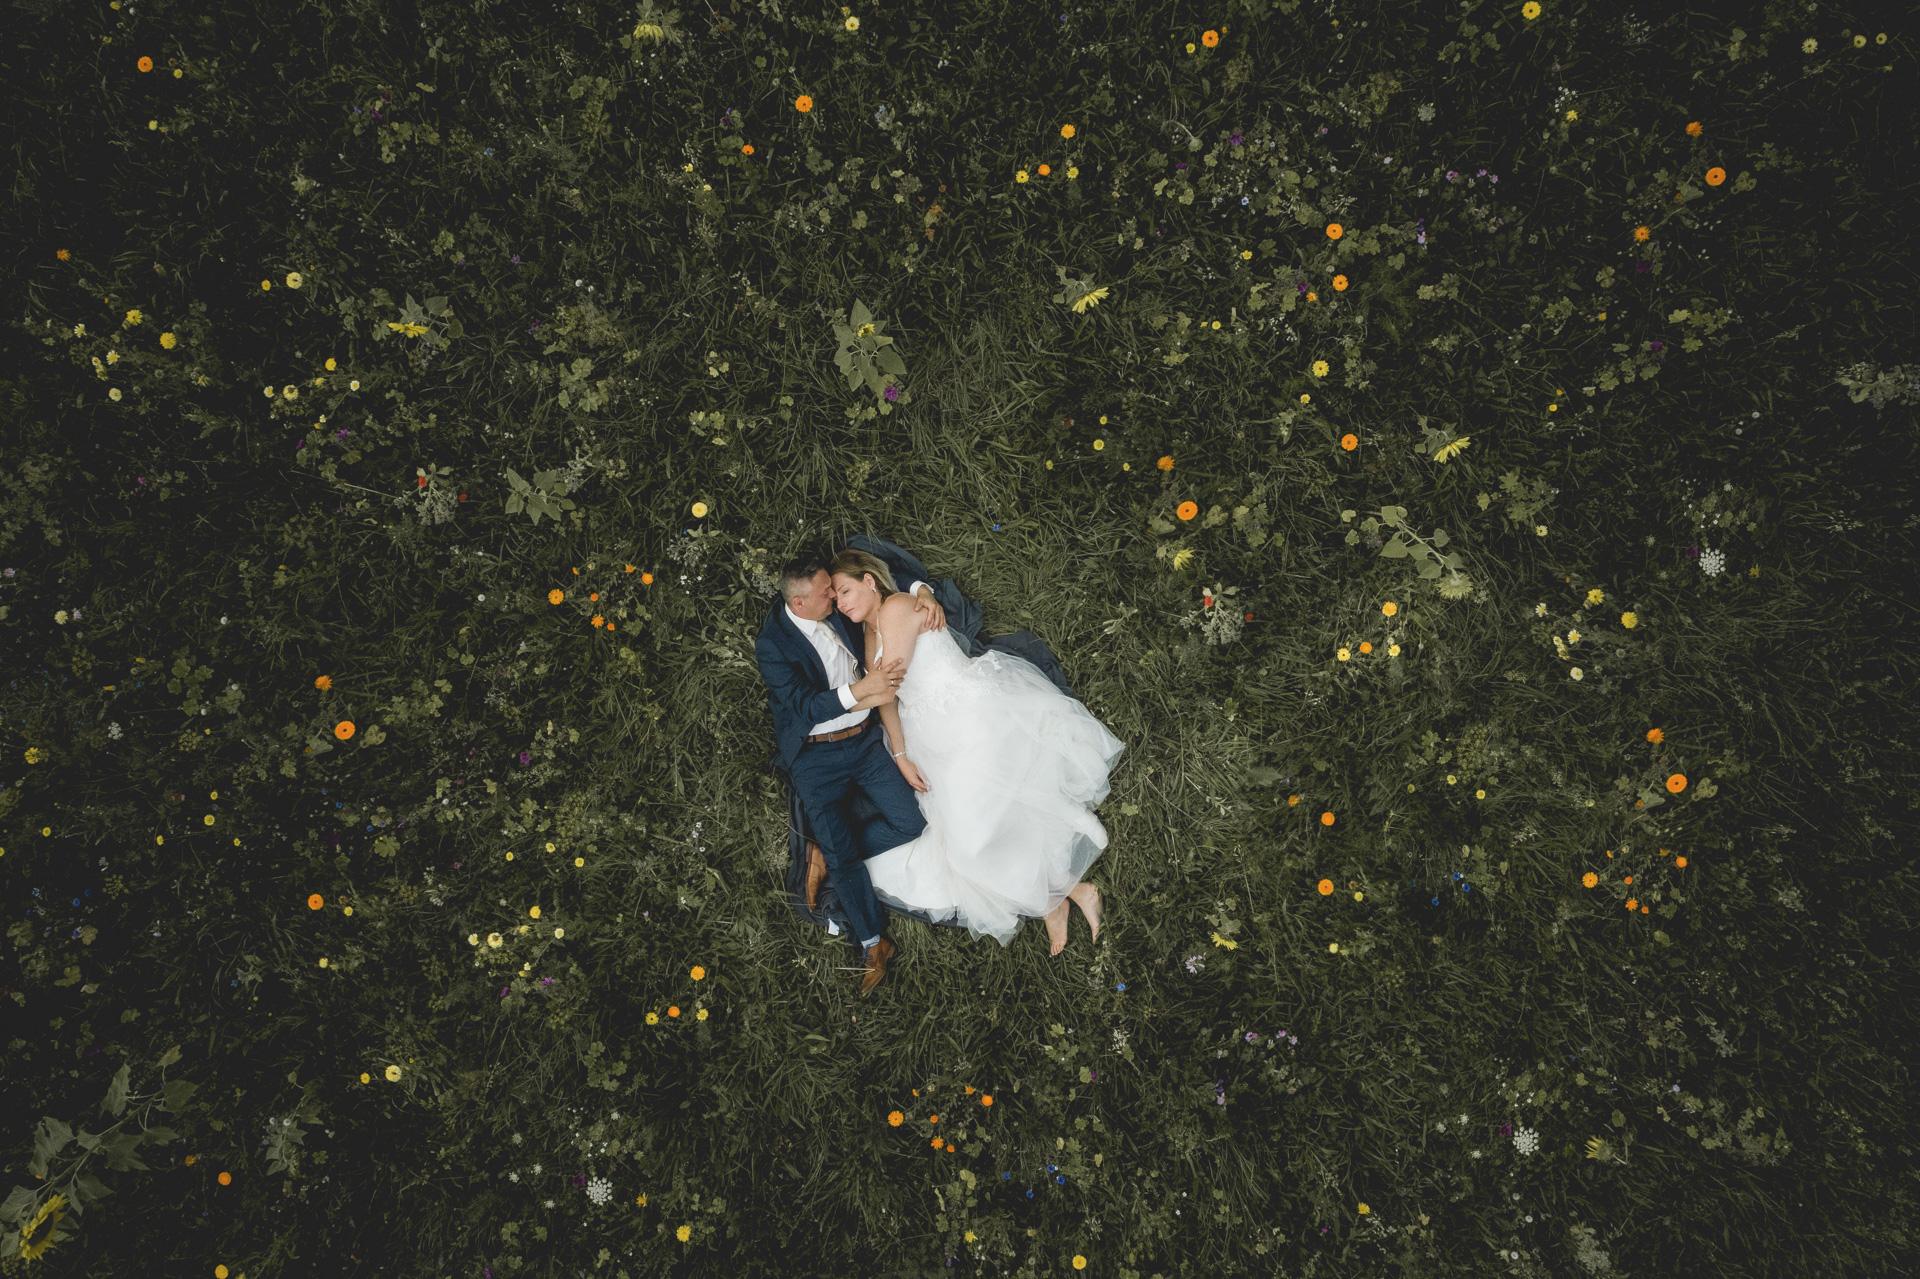 Hochzeitsfotogaf Leipzig - Brautpaar liegend auf einer grünen Wiese mit vielen Wildblumen